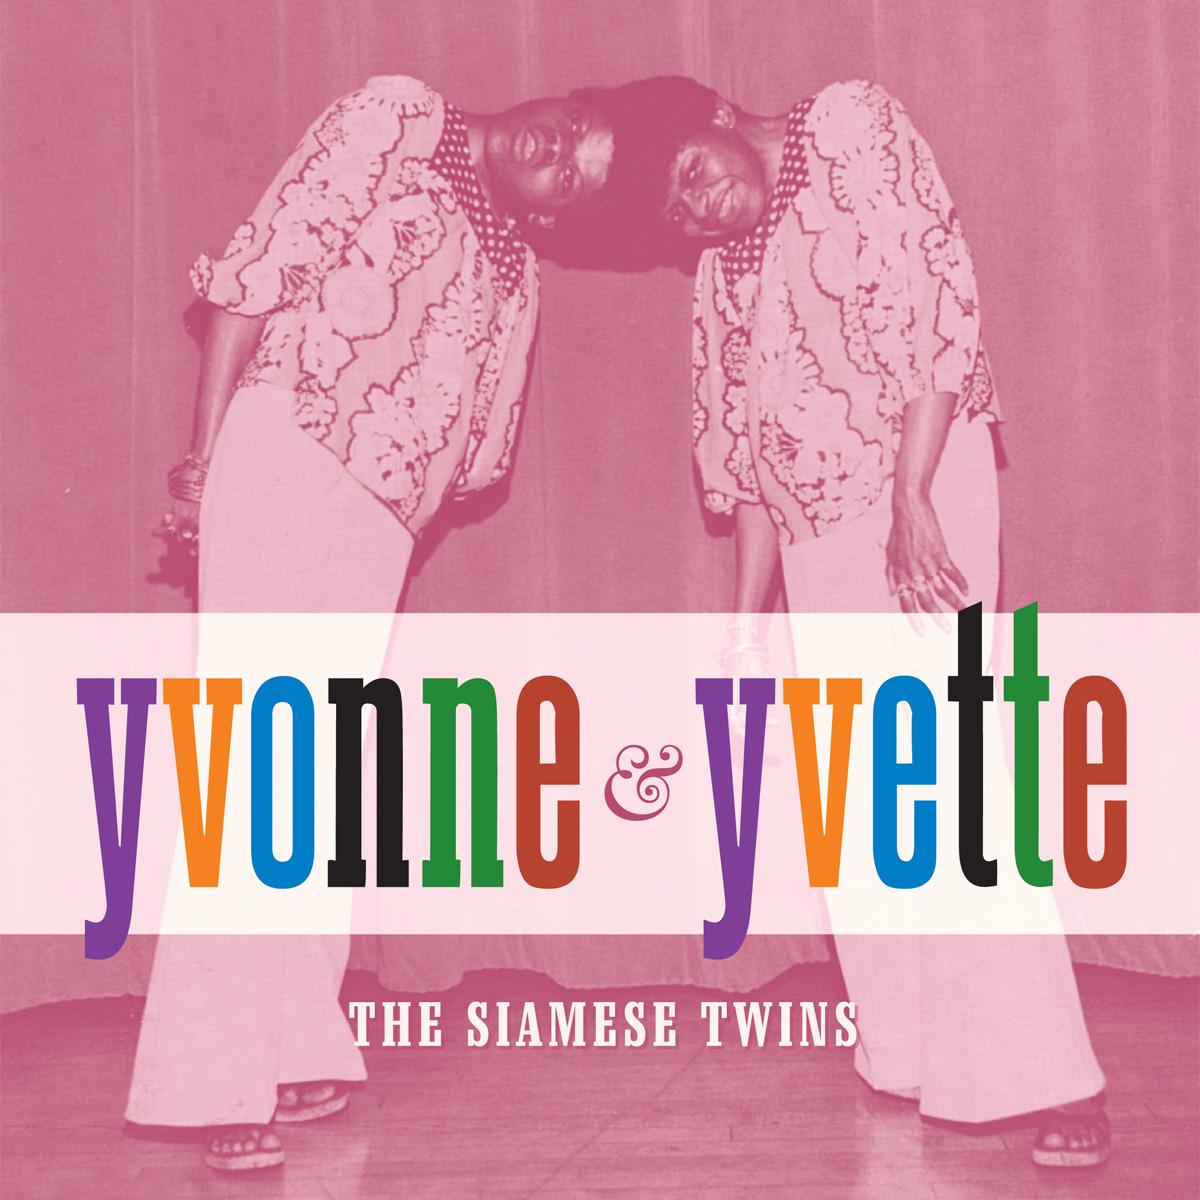 Yvonne & Yvette 45 sleeve